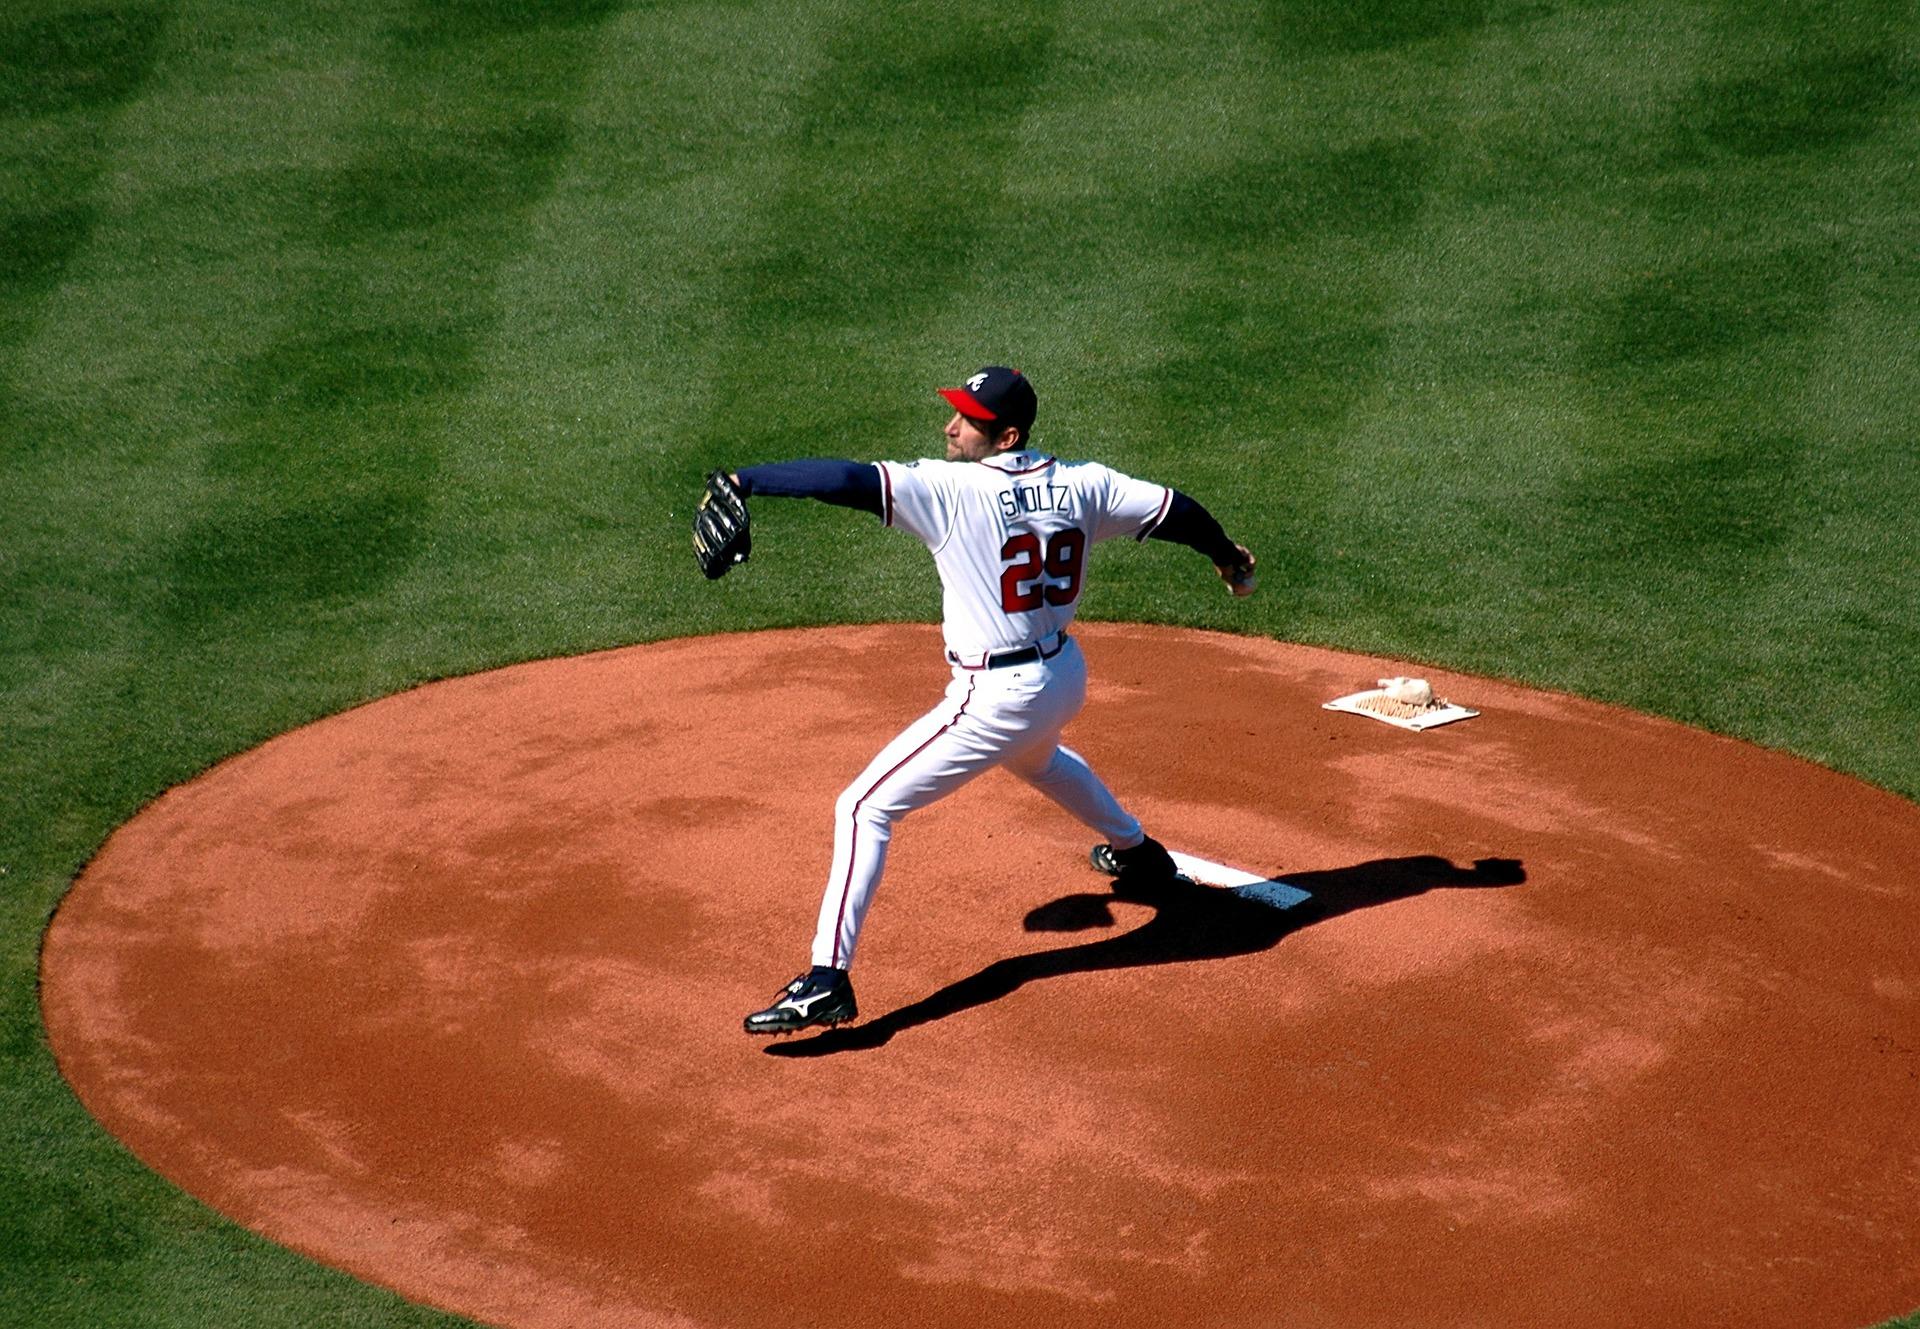 メジャーリーグで成功しやすいピッチャーの法則は?